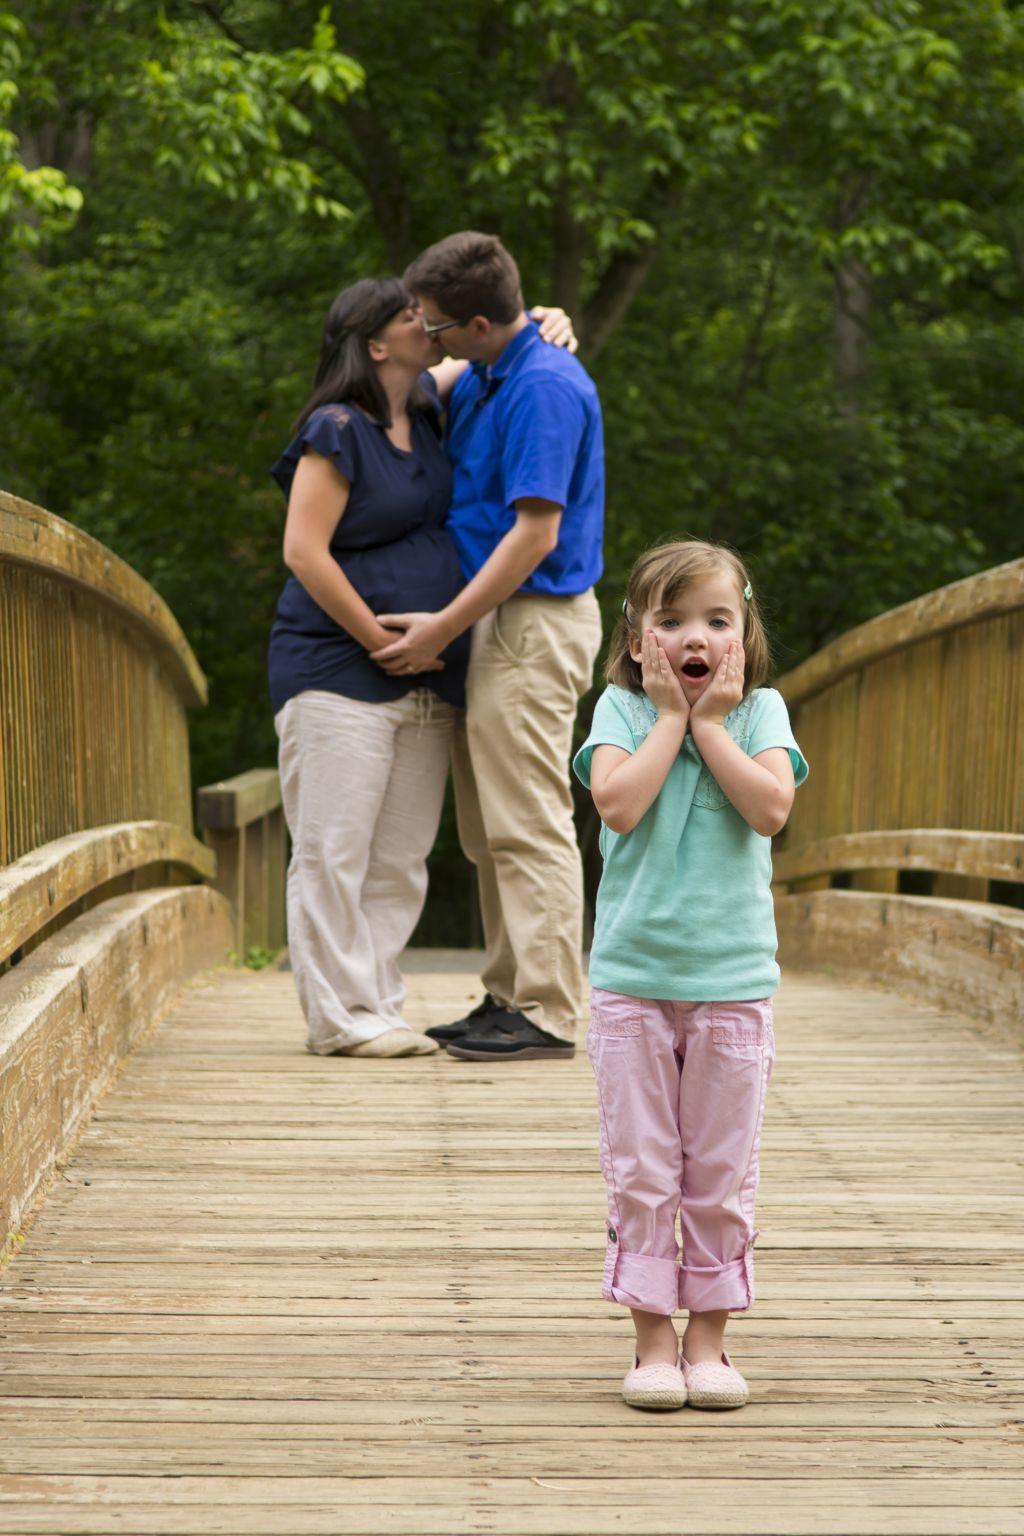 Partnerski odnos med pastmi starševstva